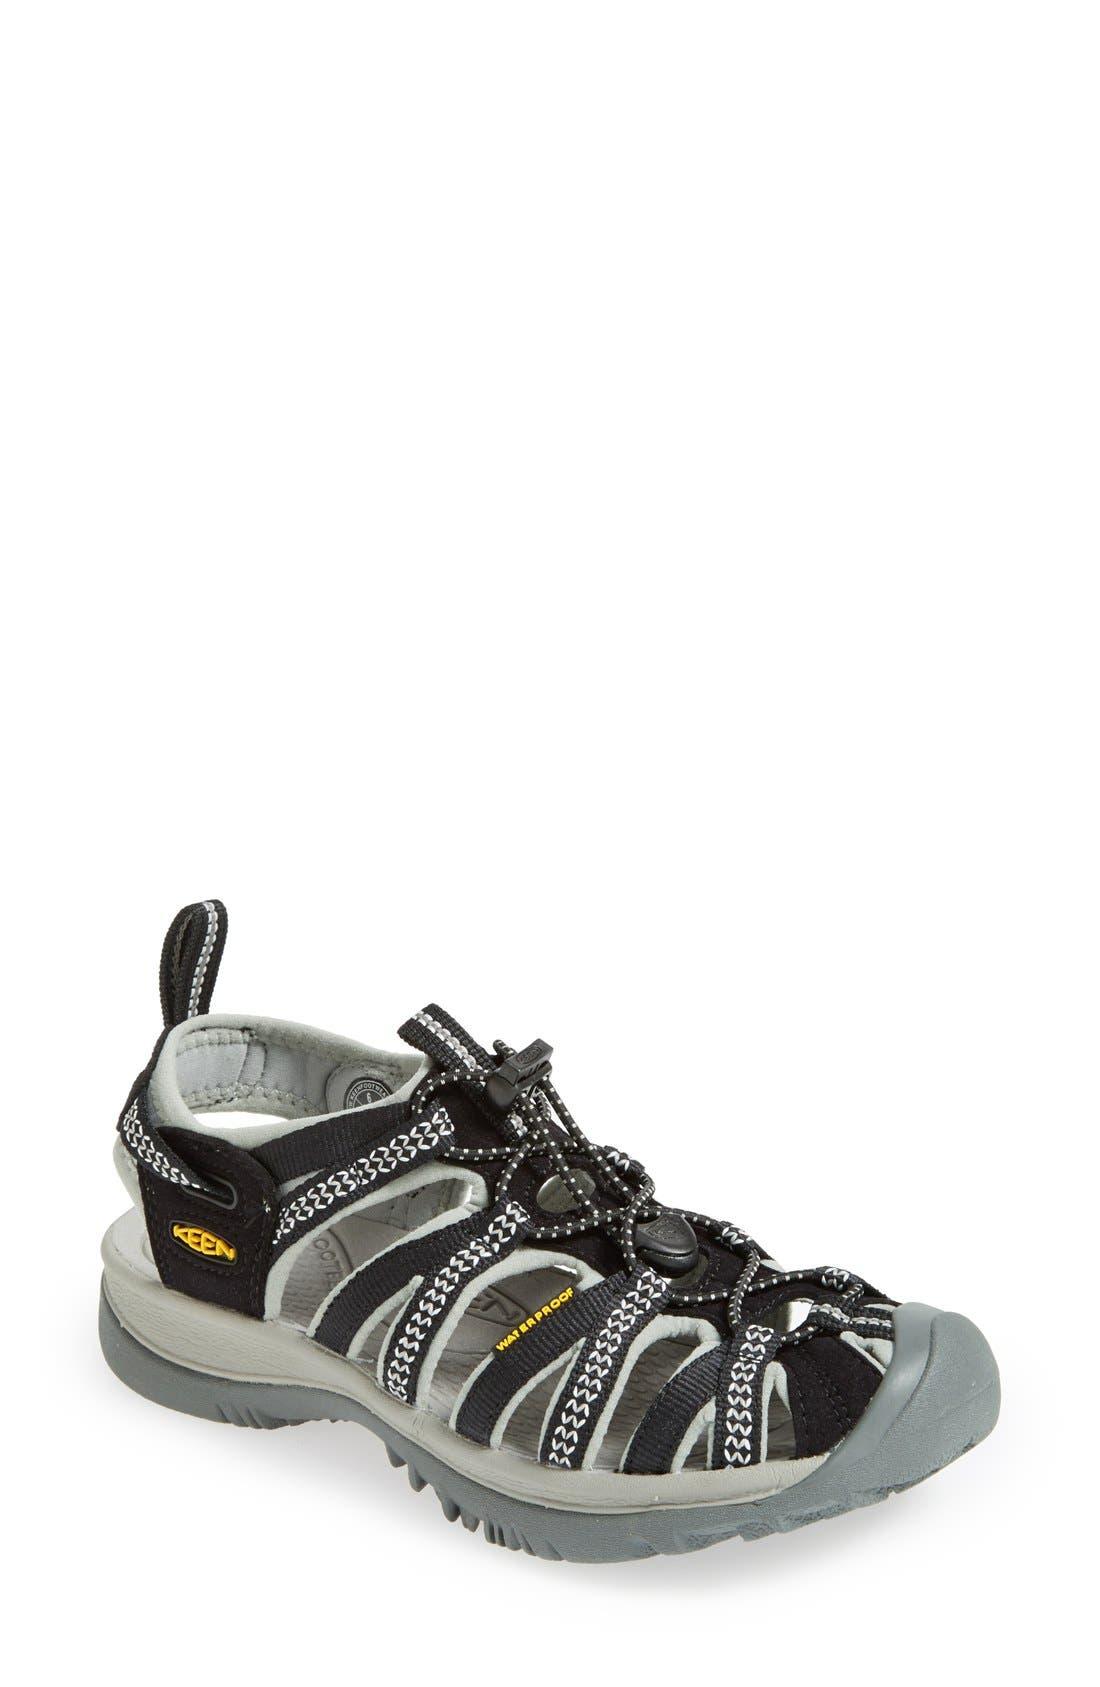 e1c9dc2354e1 Keen Shoes   Sandals